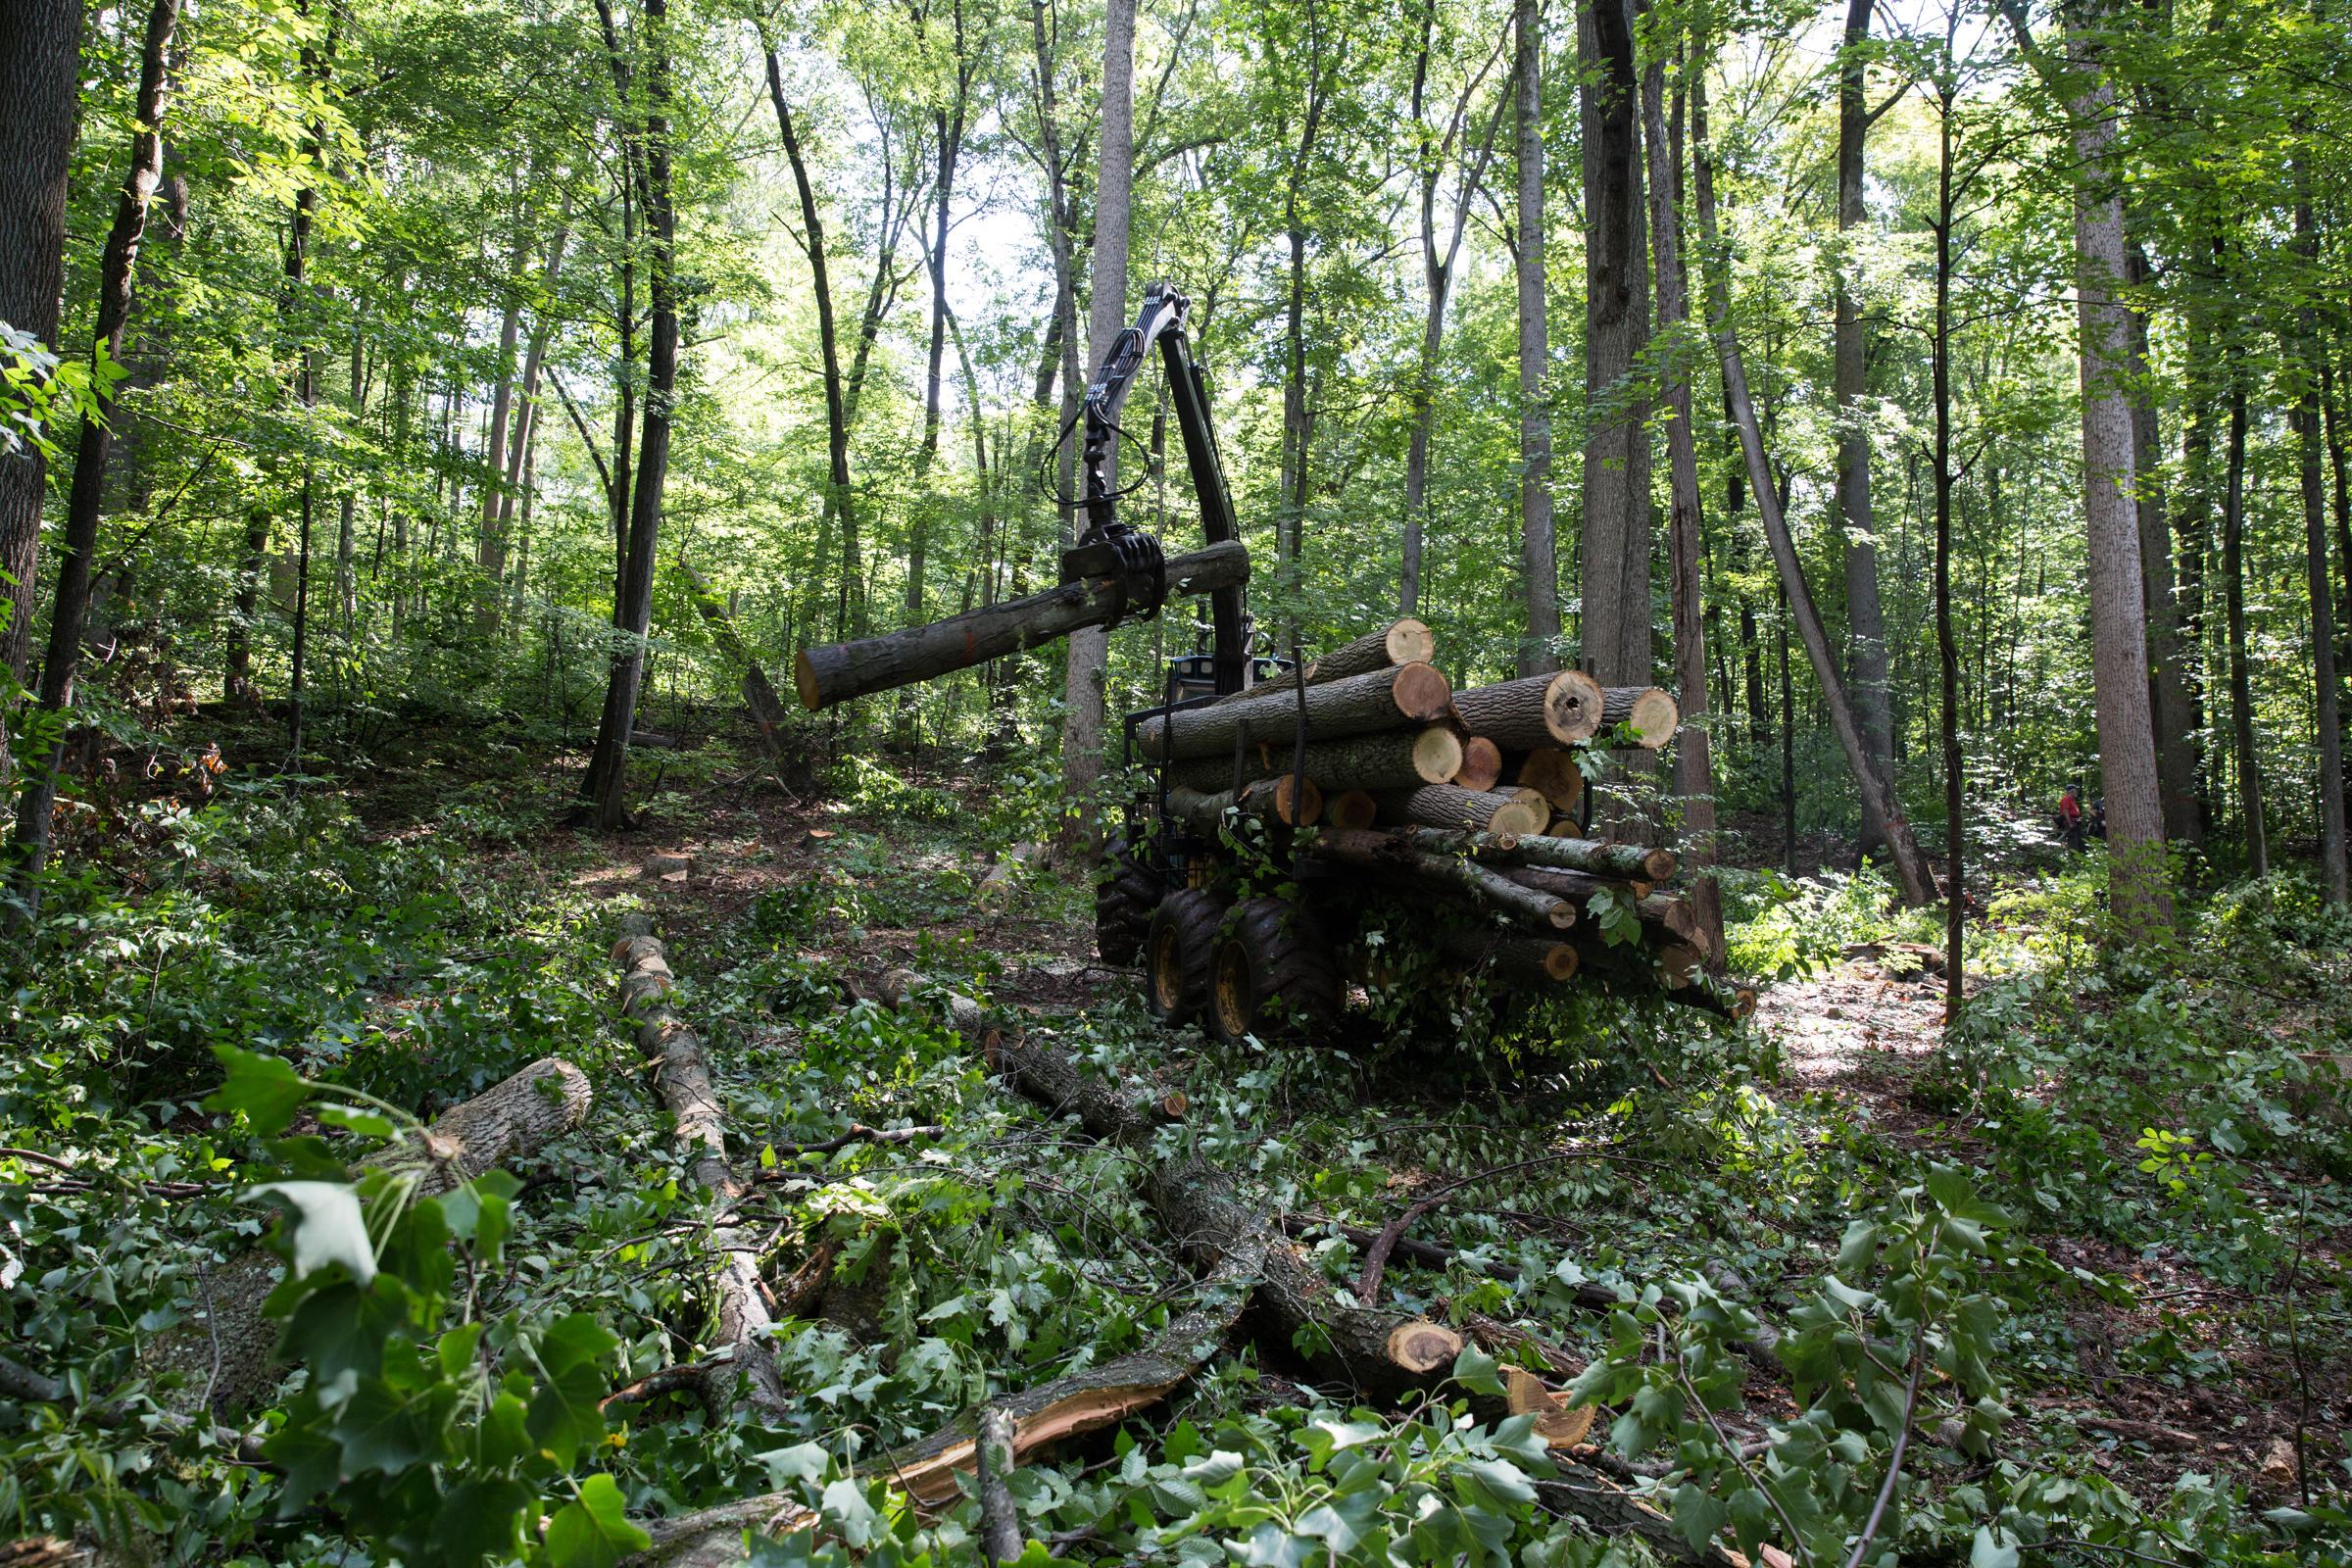 deforesting machine